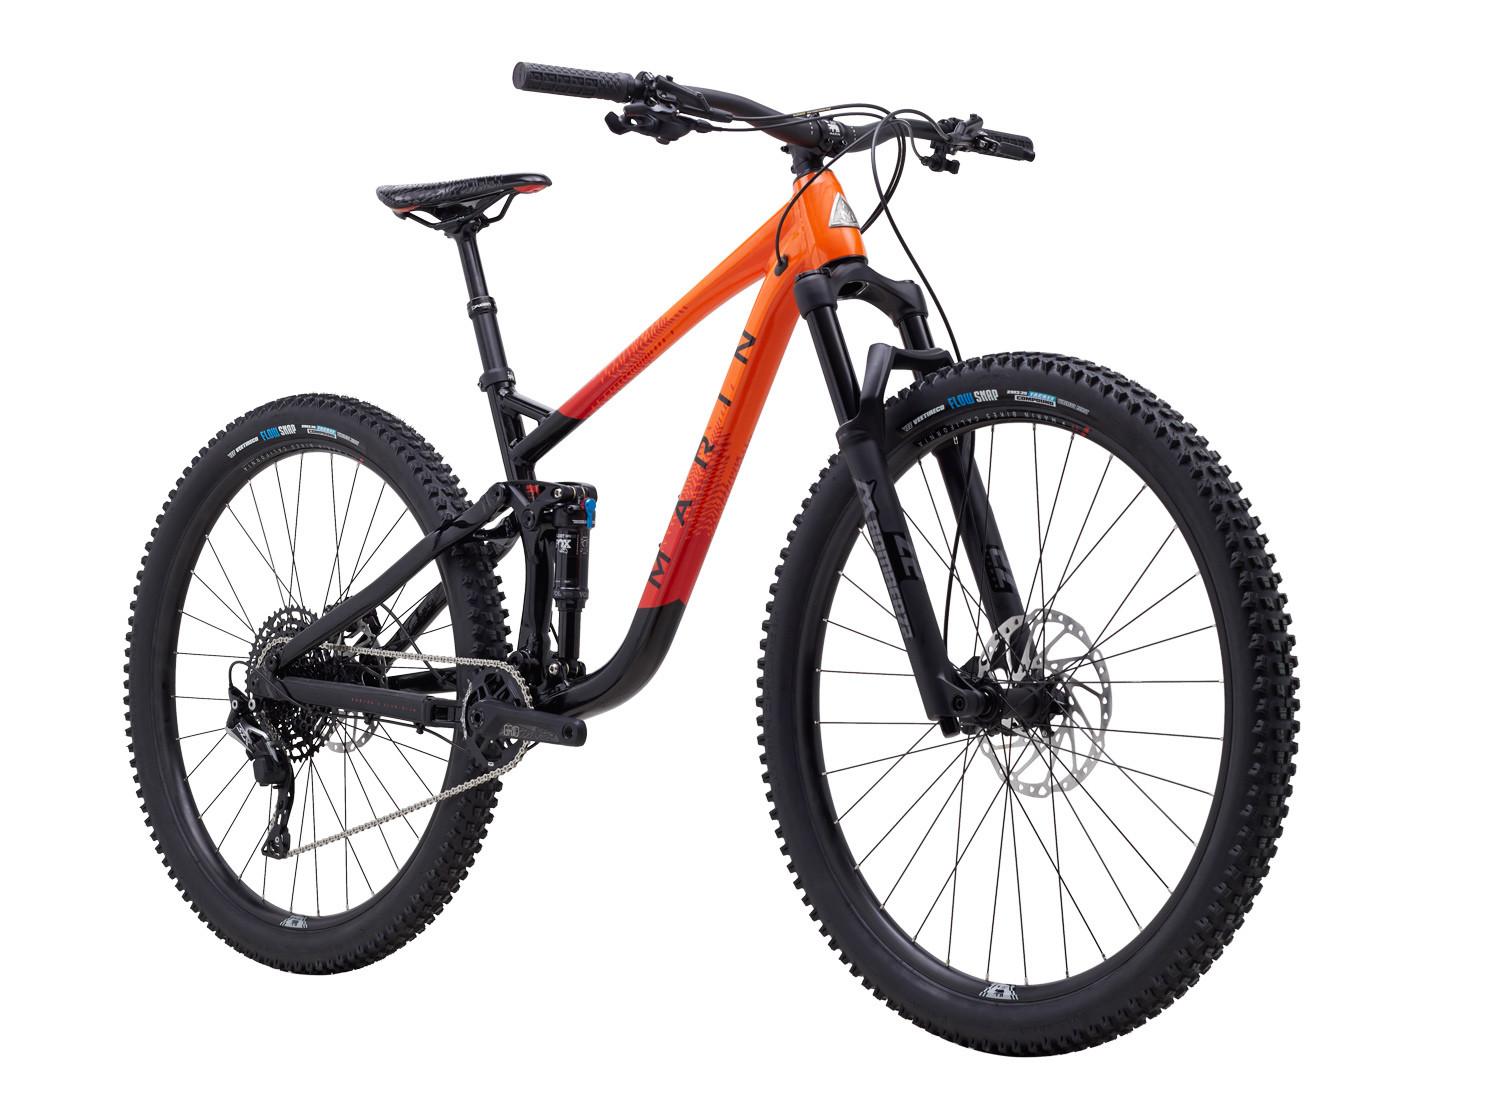 New 2020 Mountain Bikes from Marin - Mountain Bikes Press